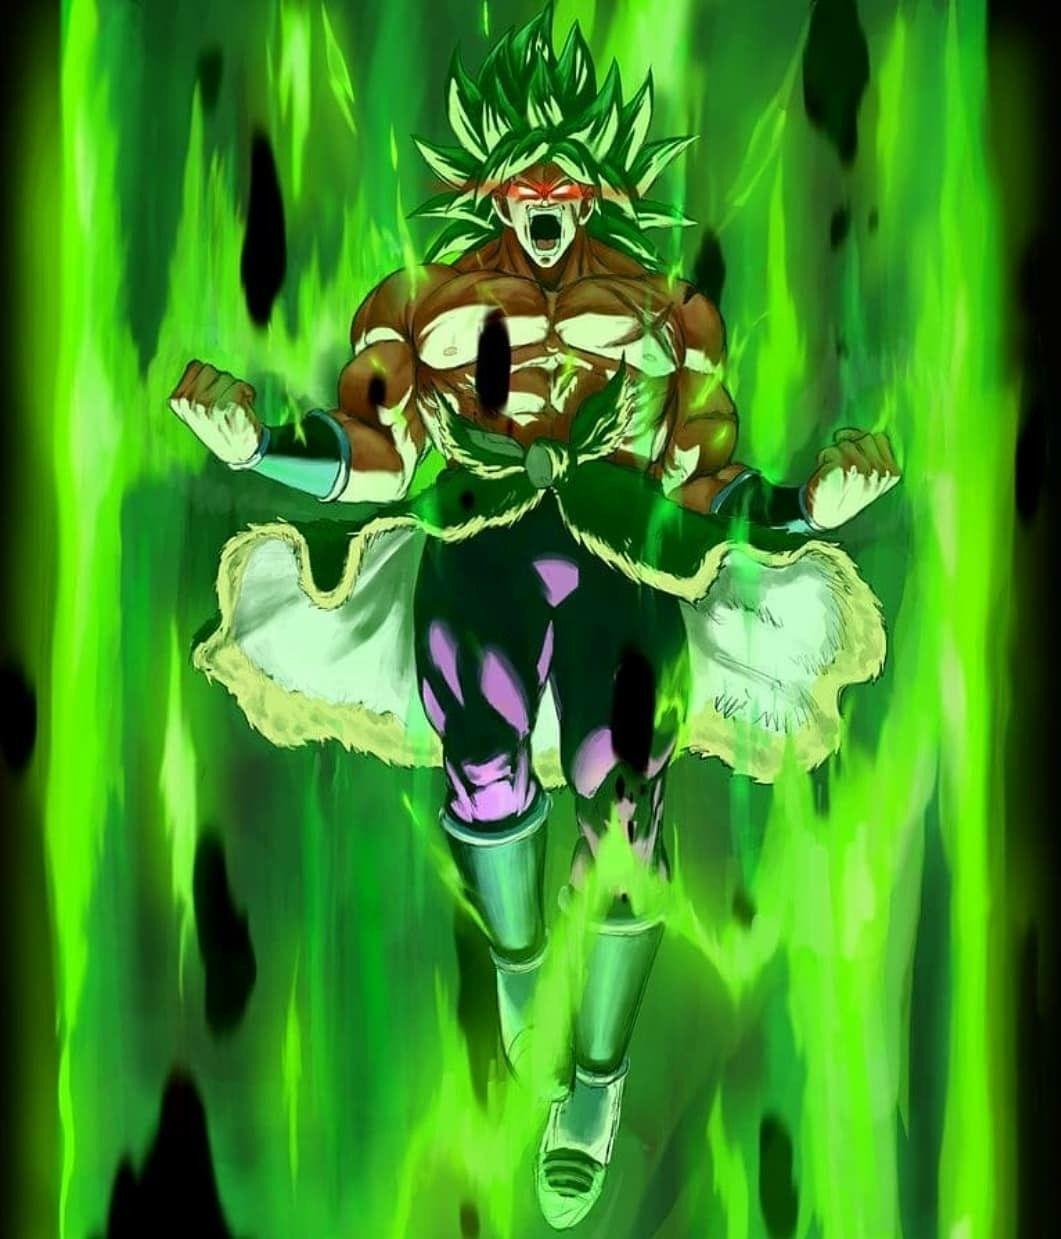 Broly The Legendary Super Saiyan Anime Dragon Ball Super Dragon